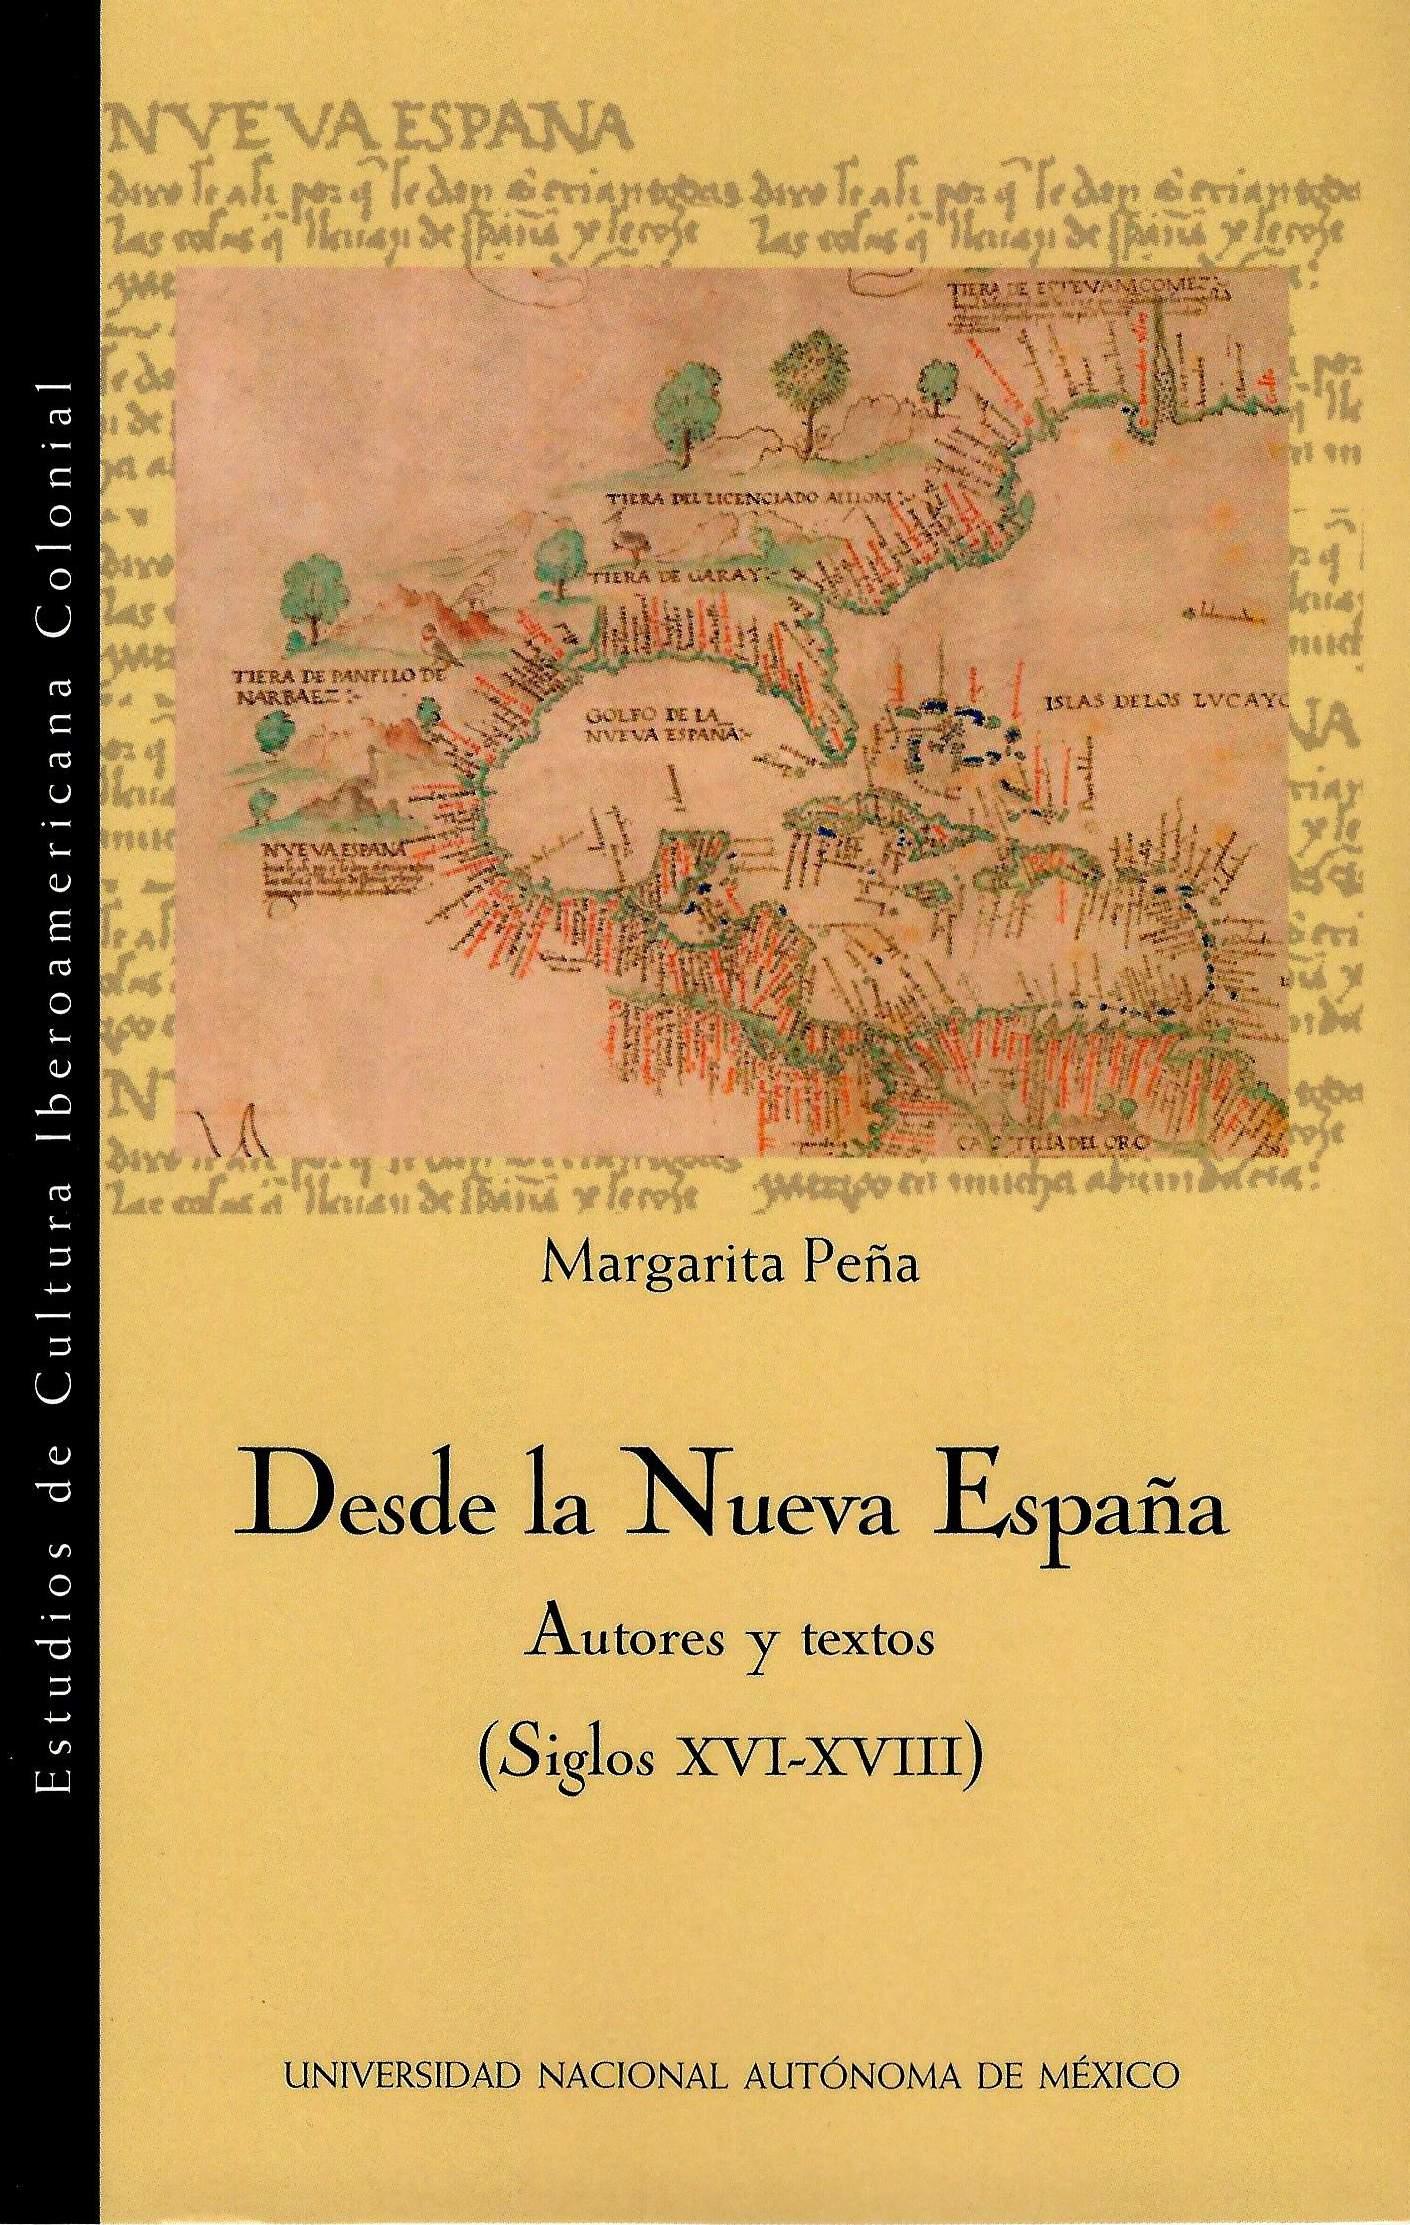 Desde la Nueva España: autores y textos (siglos XVI-XVIII)